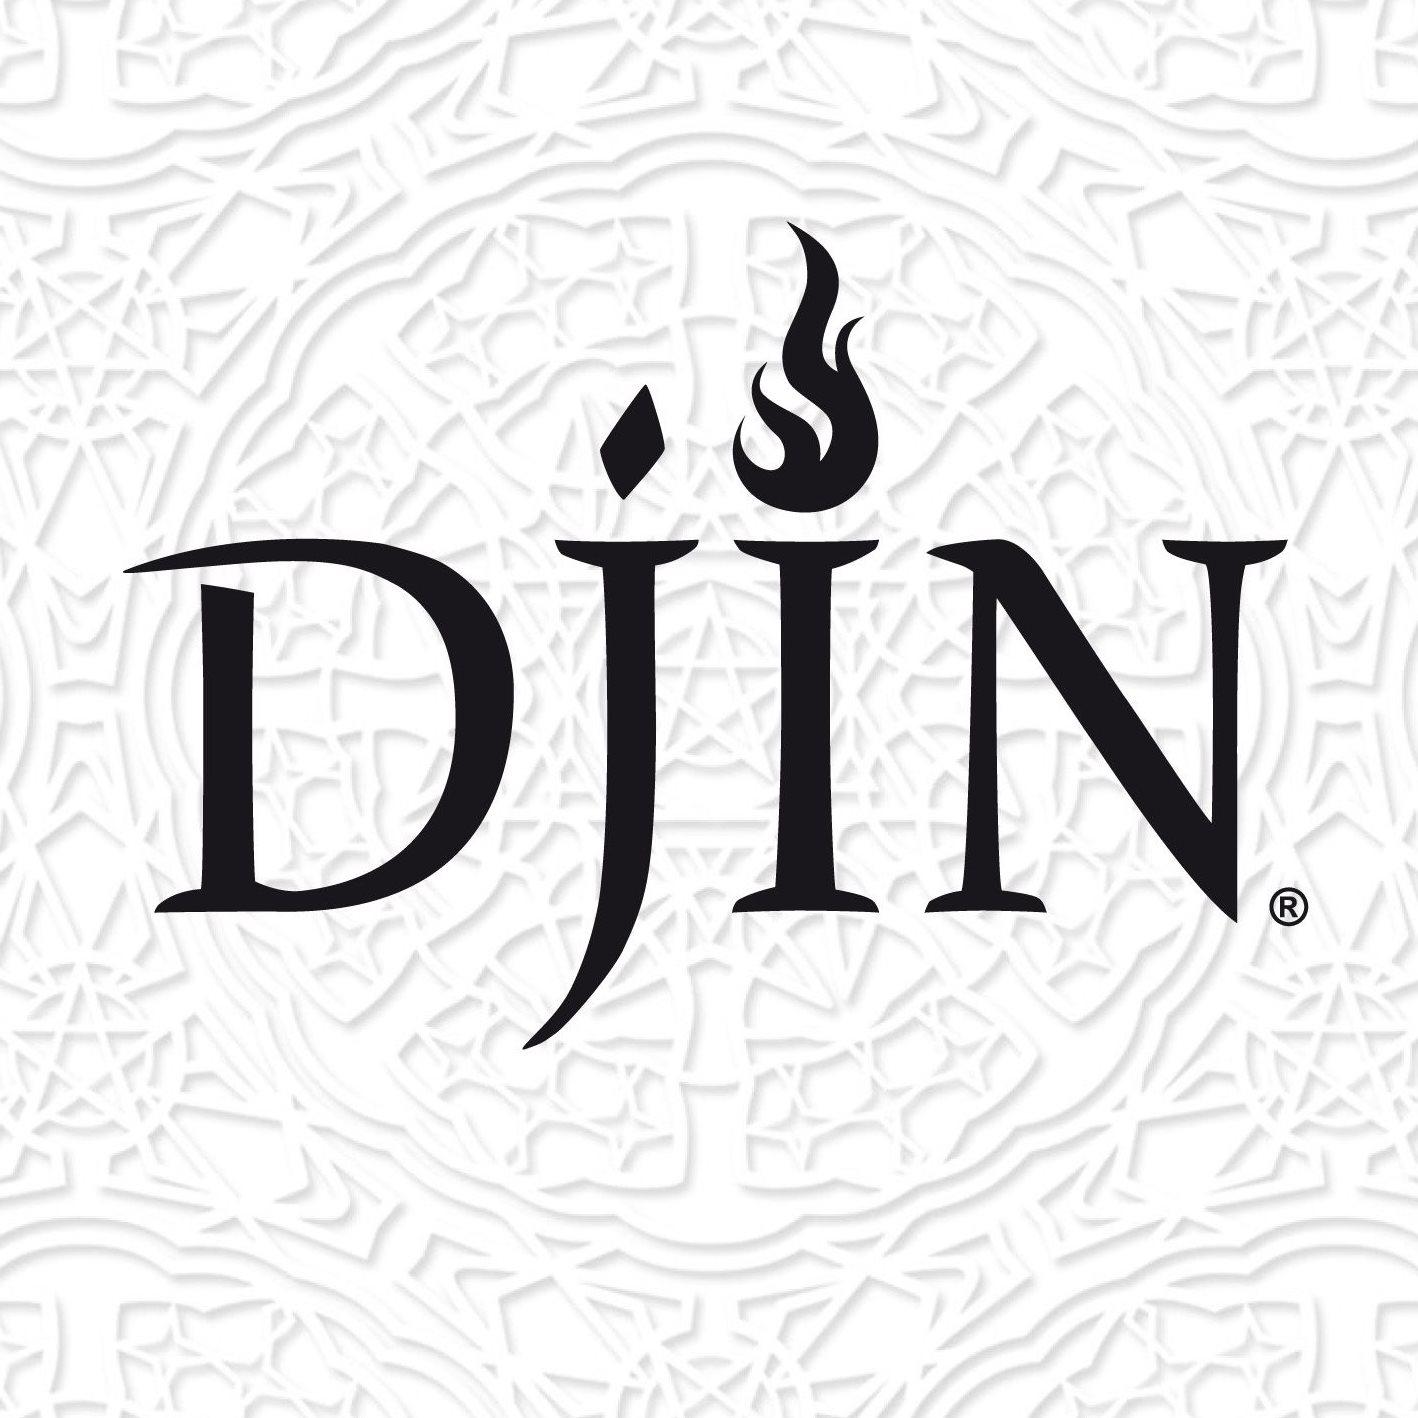 78655395 164151828316384 4103027007133057024 n - Interview de Romuald Vincent, fondateur de Djin Spirits